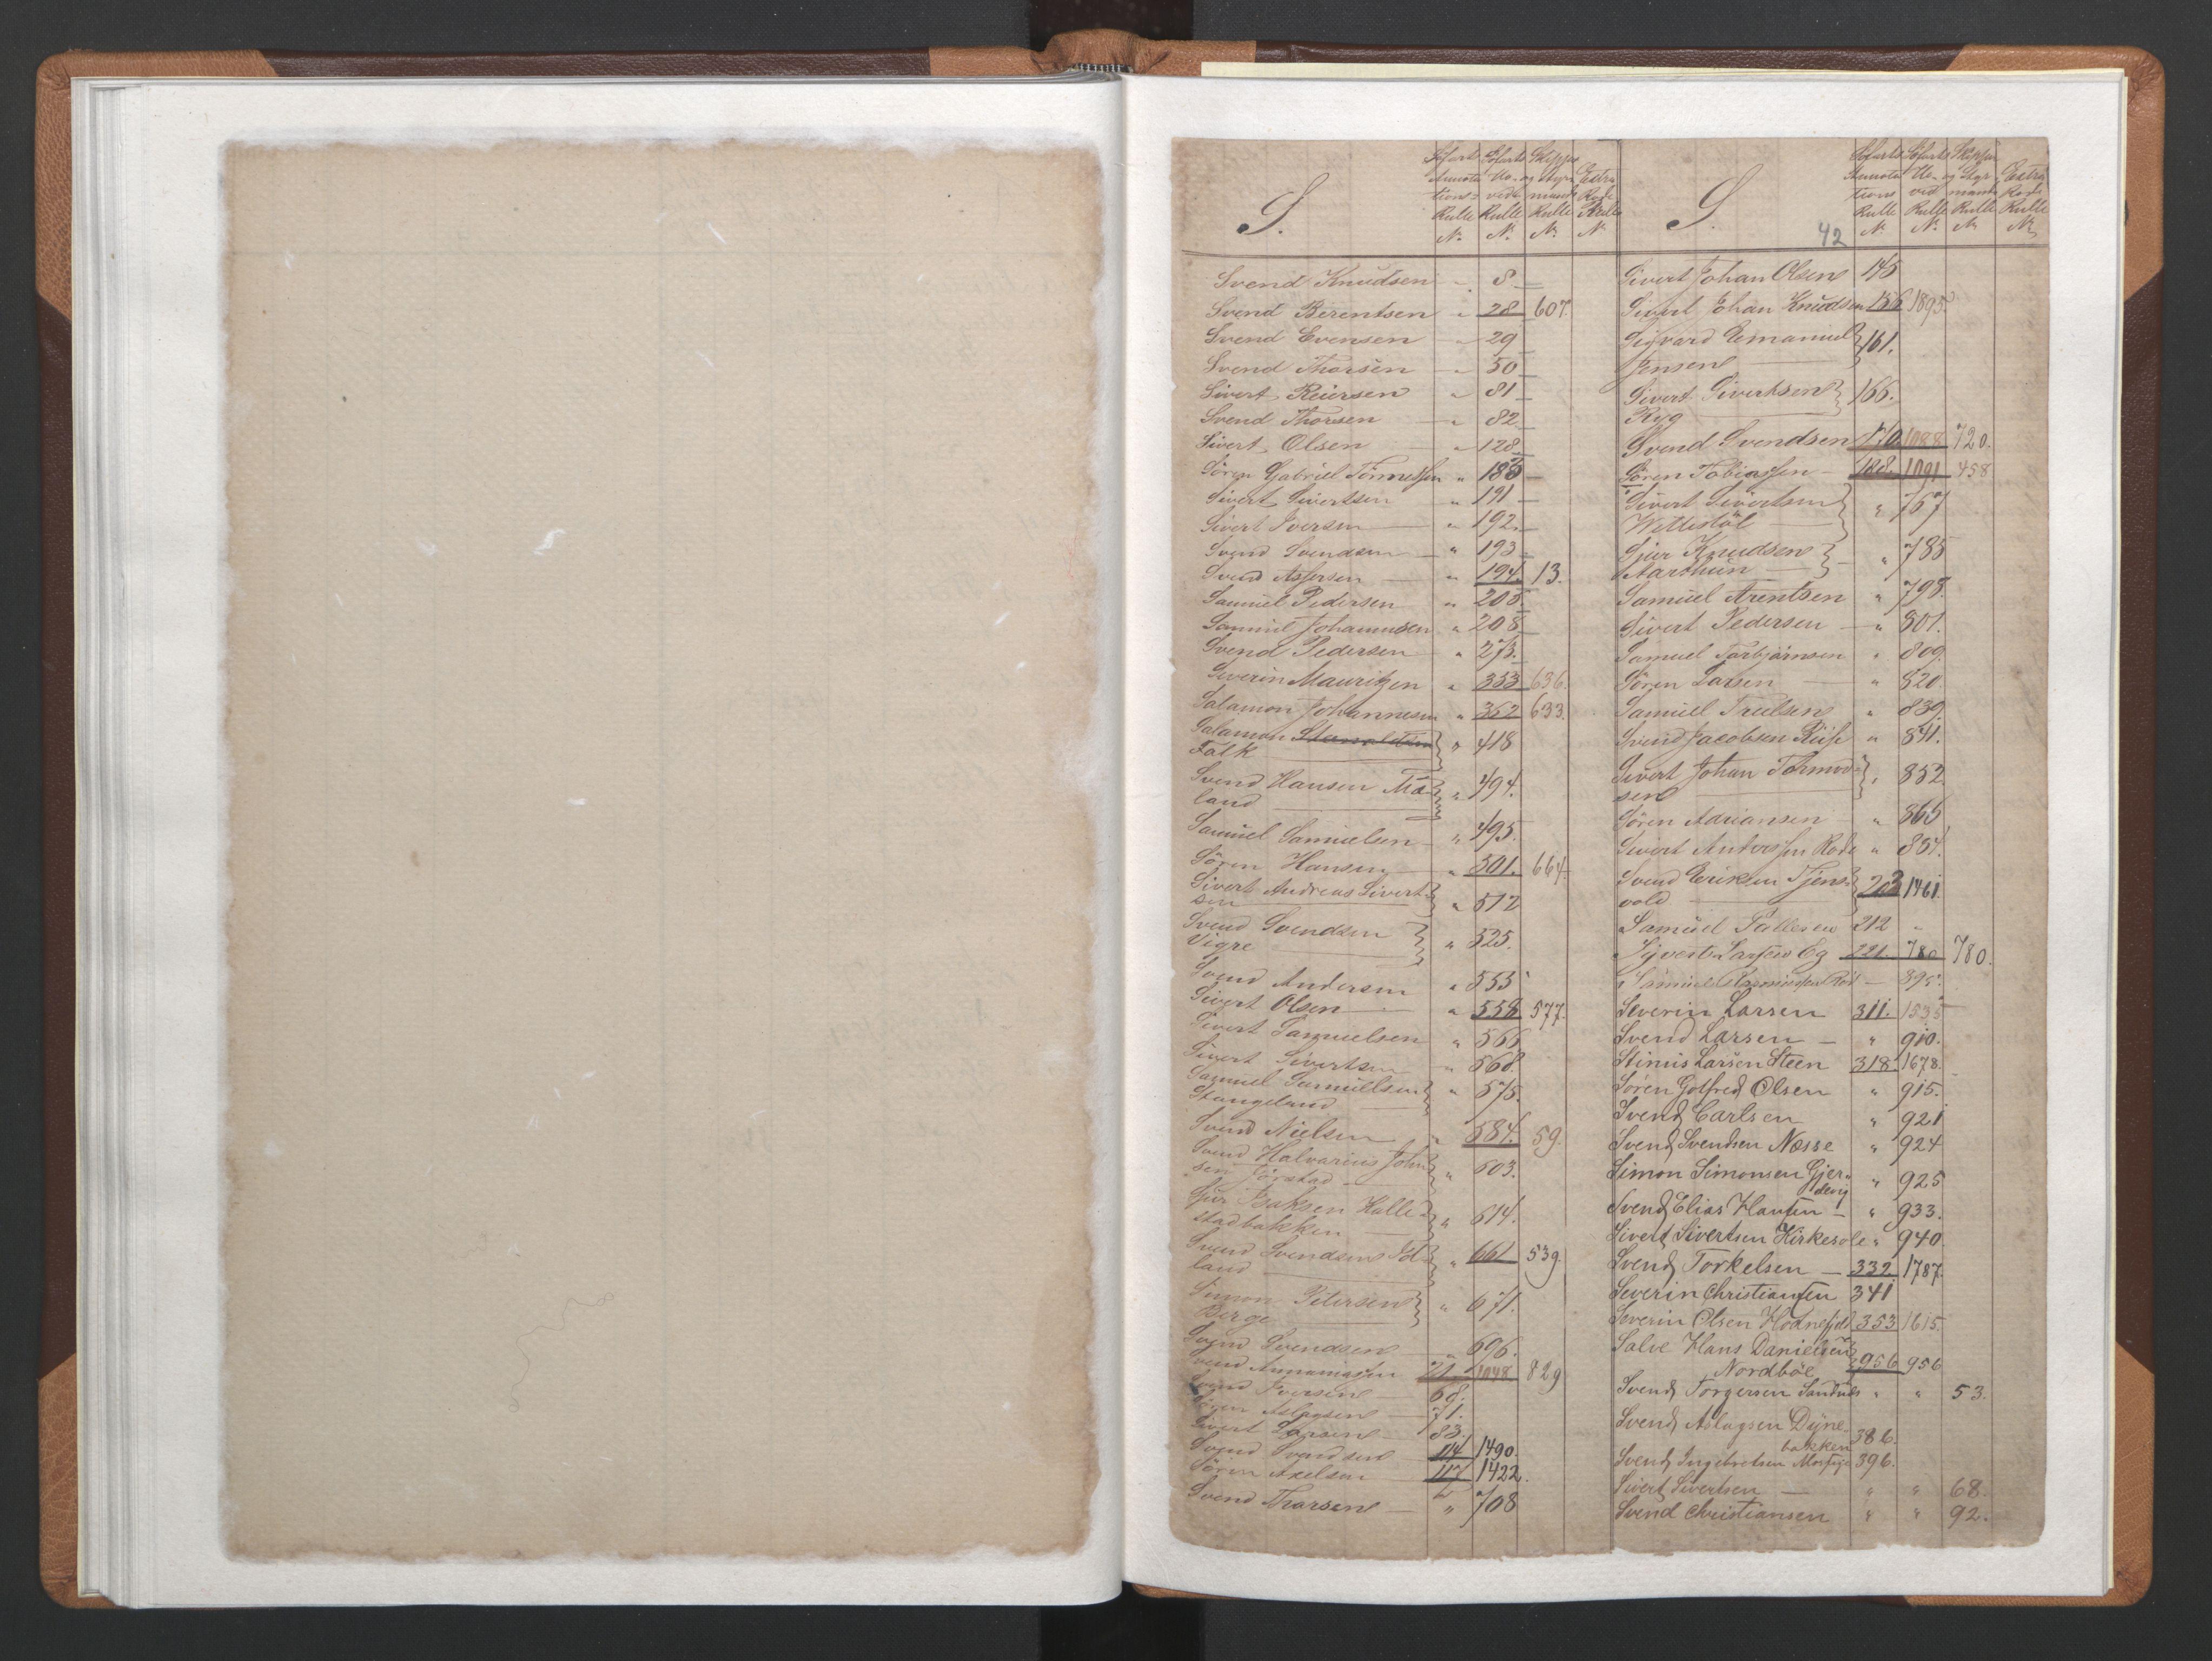 SAST, Stavanger sjømannskontor, F/Fb/Fba/L0002: Navneregister sjøfartsruller, 1860-1869, s. 43